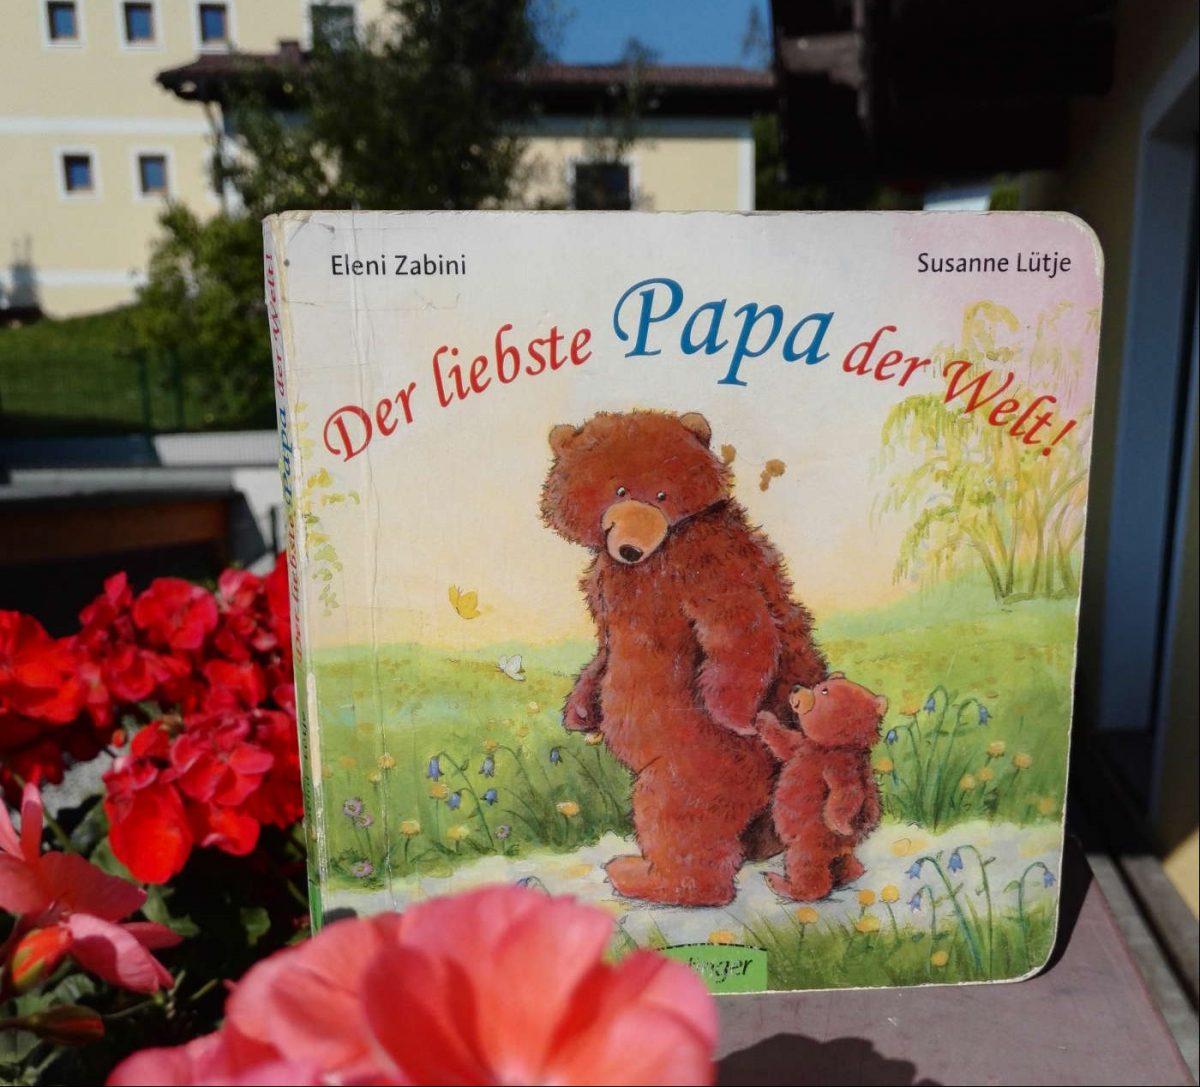 Eleni Zabini Susanne Lütje Der liebste Papa der Welt! Kinderbuchempfehlung Buchtipp Pappbuch Bilderbuch Kinderbuchblog Brigitte Wallinger Jugendbuchblog